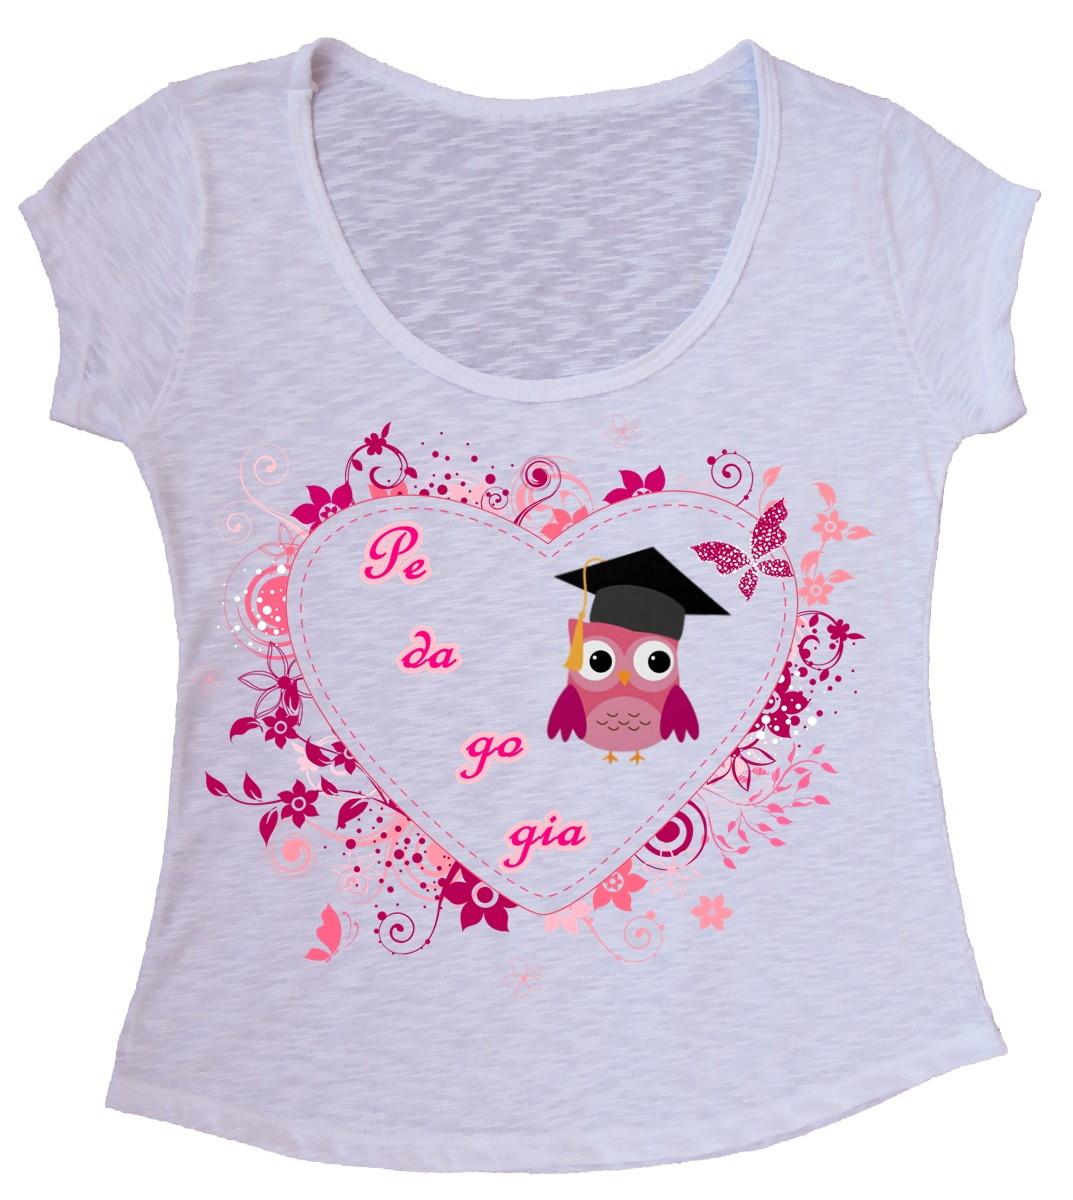 b5c1f80655 Blusa T-shirt Pedagogia Personalizada no Elo7